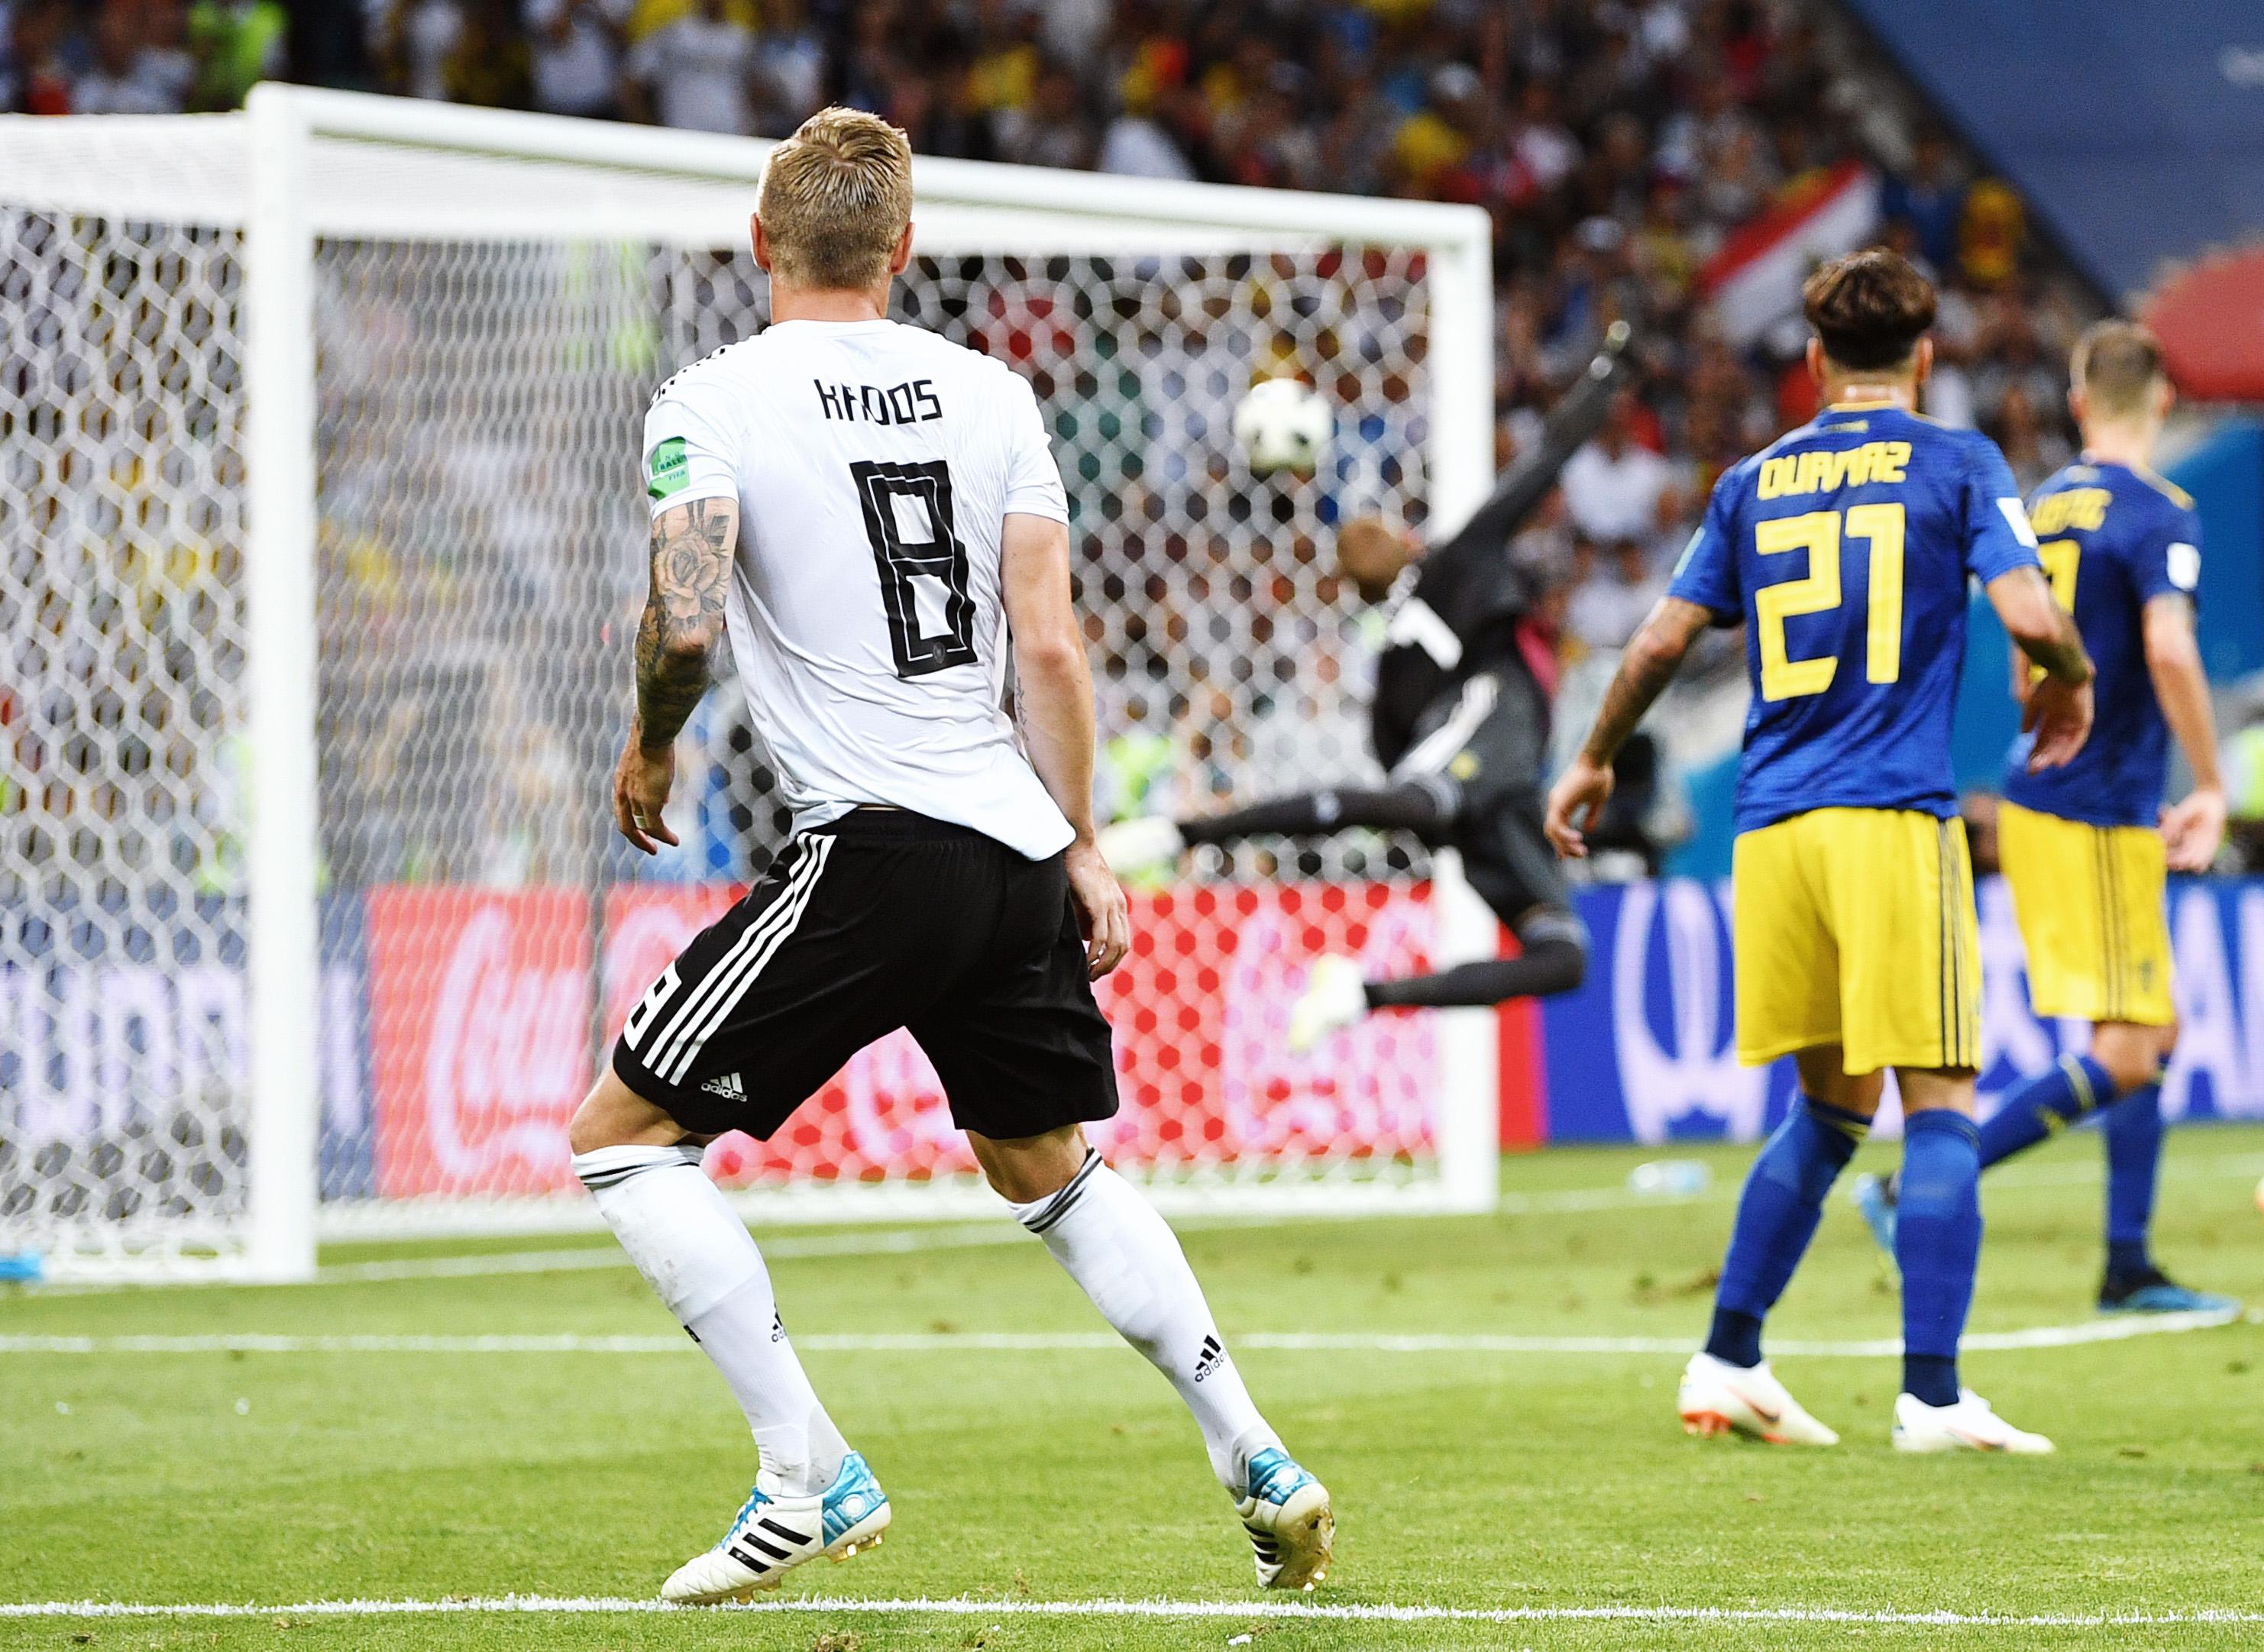 Блестящий гол немца Тони Крооса напятой добавленной минуте вматче со Швецией. Благодаря ему сборной Германии удалось обыграть шведов со счетом 2:1.